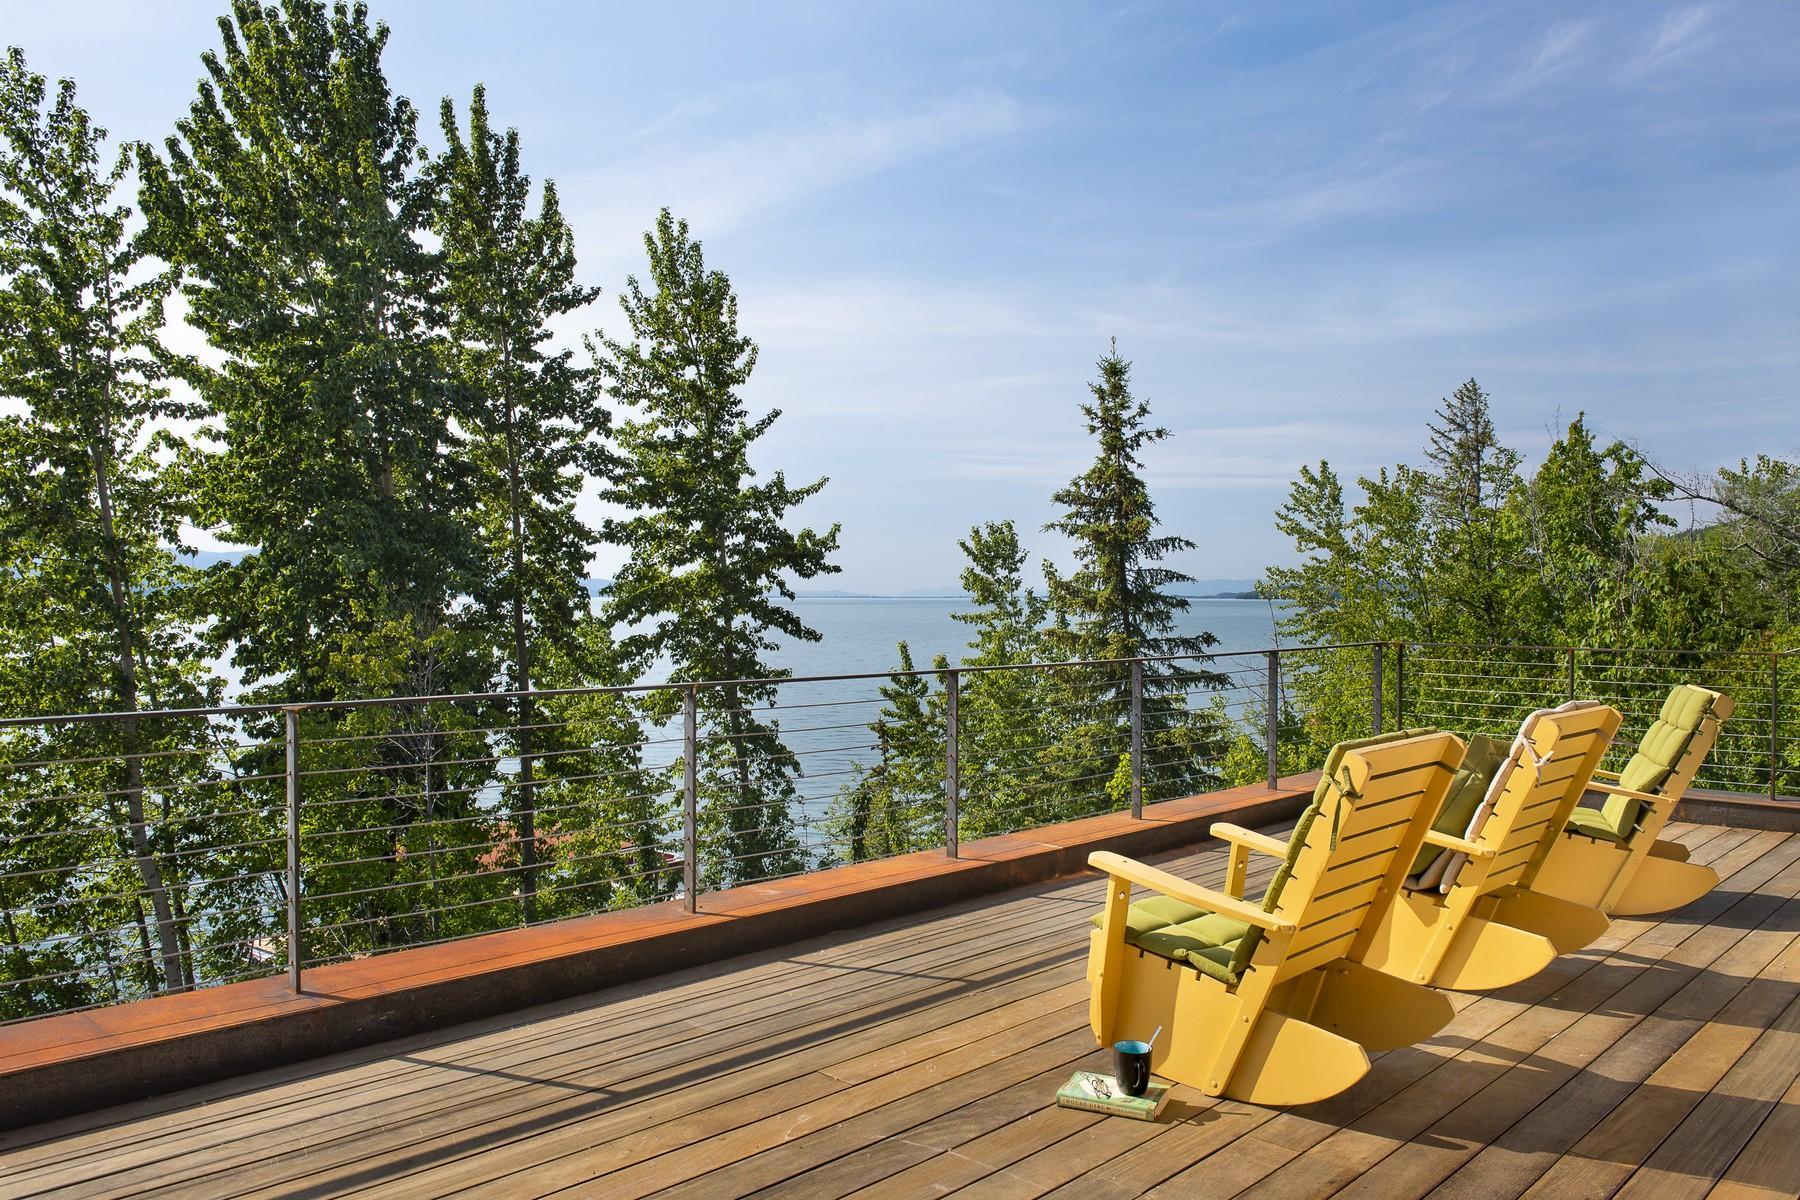 26.Lake House Deck View (1)